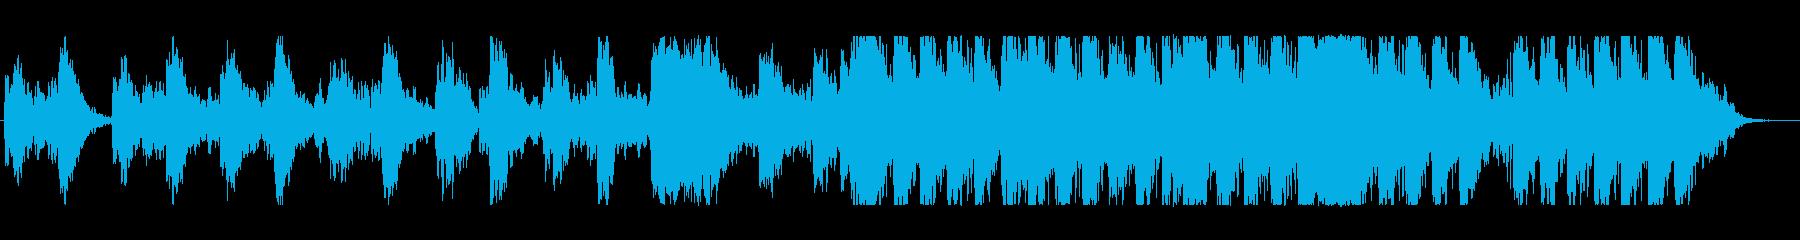 静謐な夜をイメージしたシンセ曲の再生済みの波形